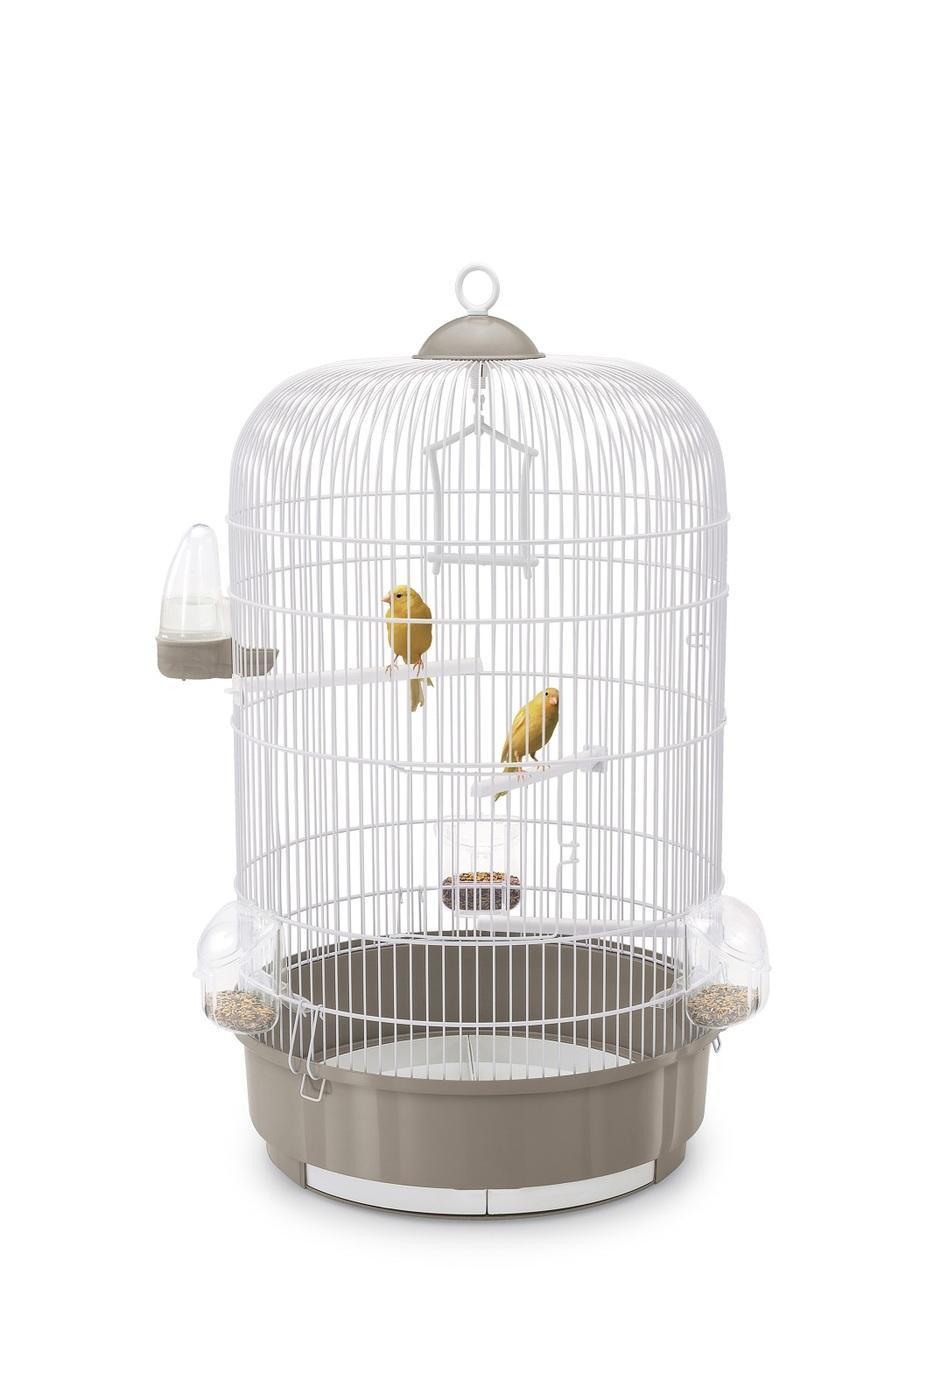 клетка для птиц imac luna, темно-серый, круглая, ф40х65см